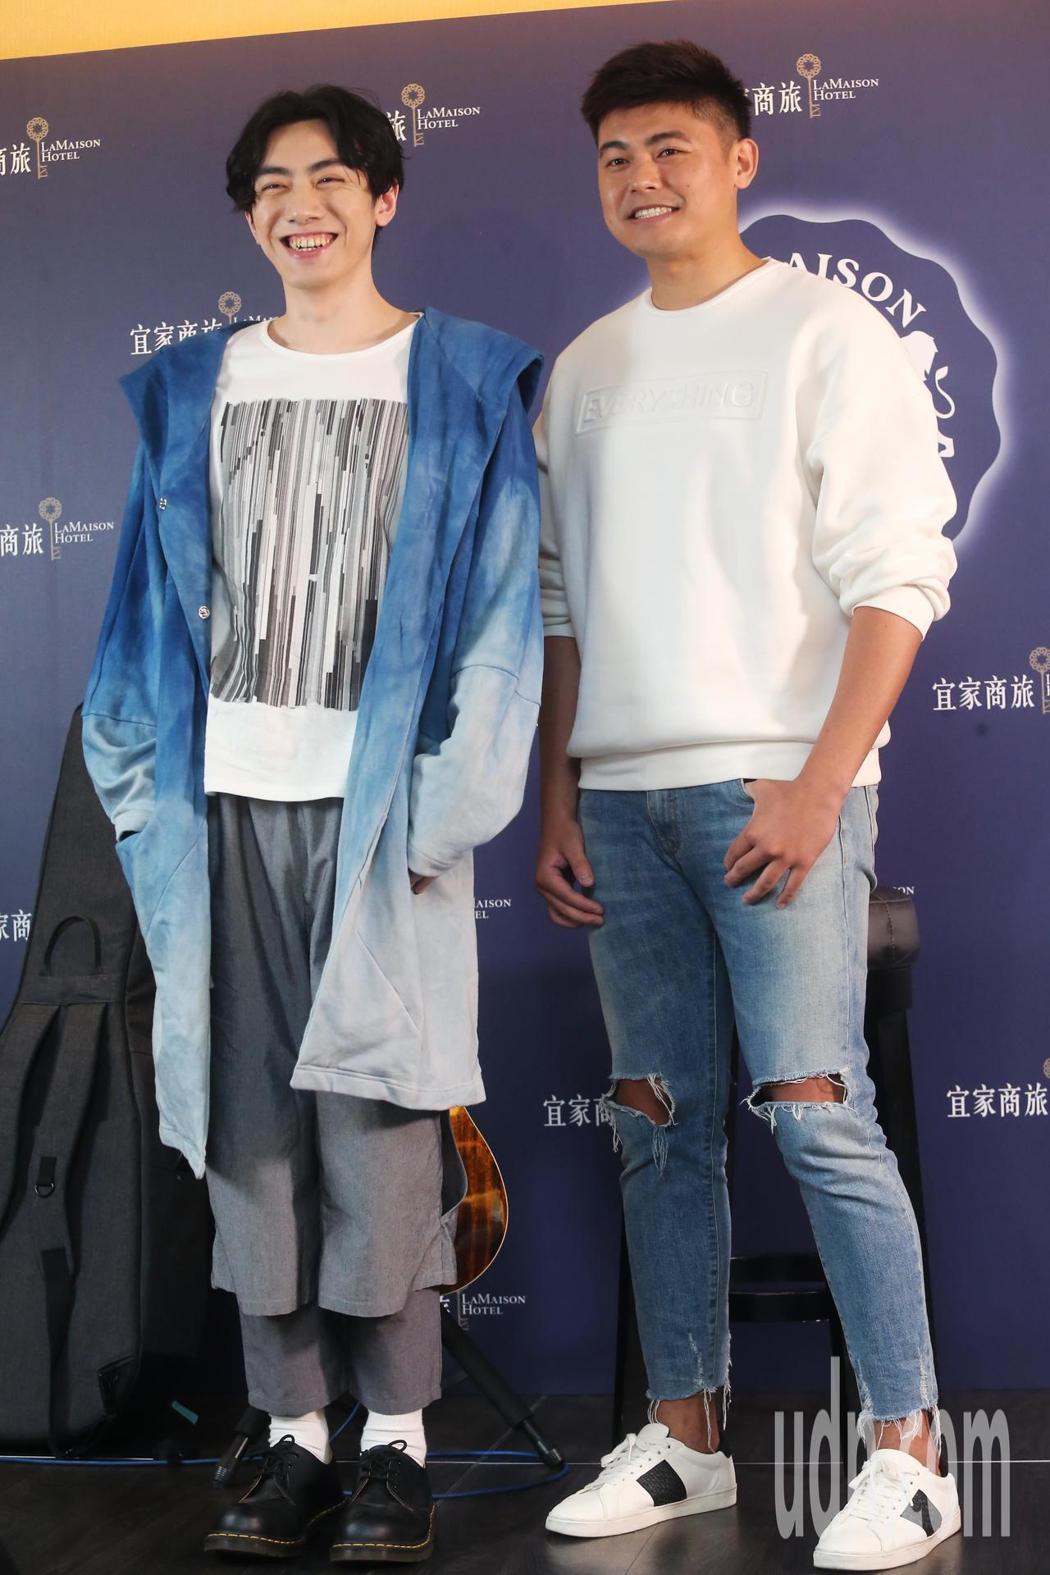 李友廷(左)與正皓玄(右)出席宜家商旅春酒宴總彩排。記者徐兆玄/攝影